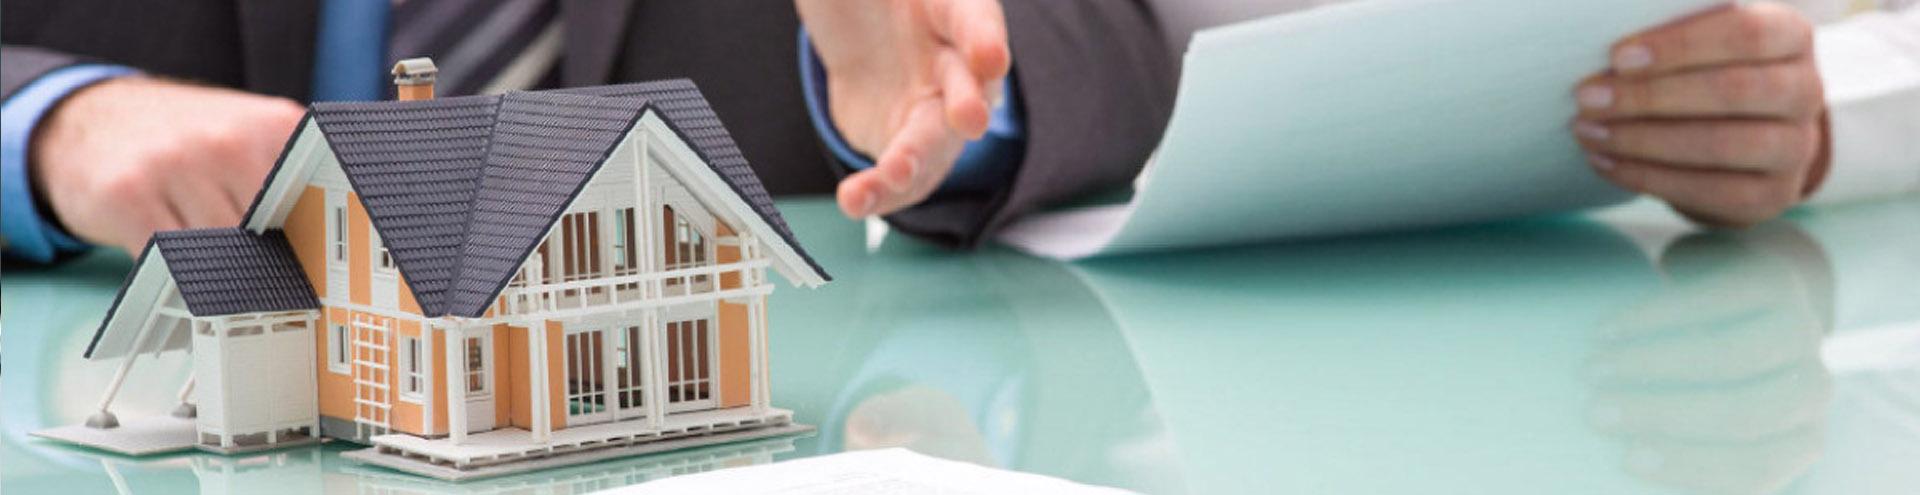 услуги юриста по недвижимости в Чебоксарах